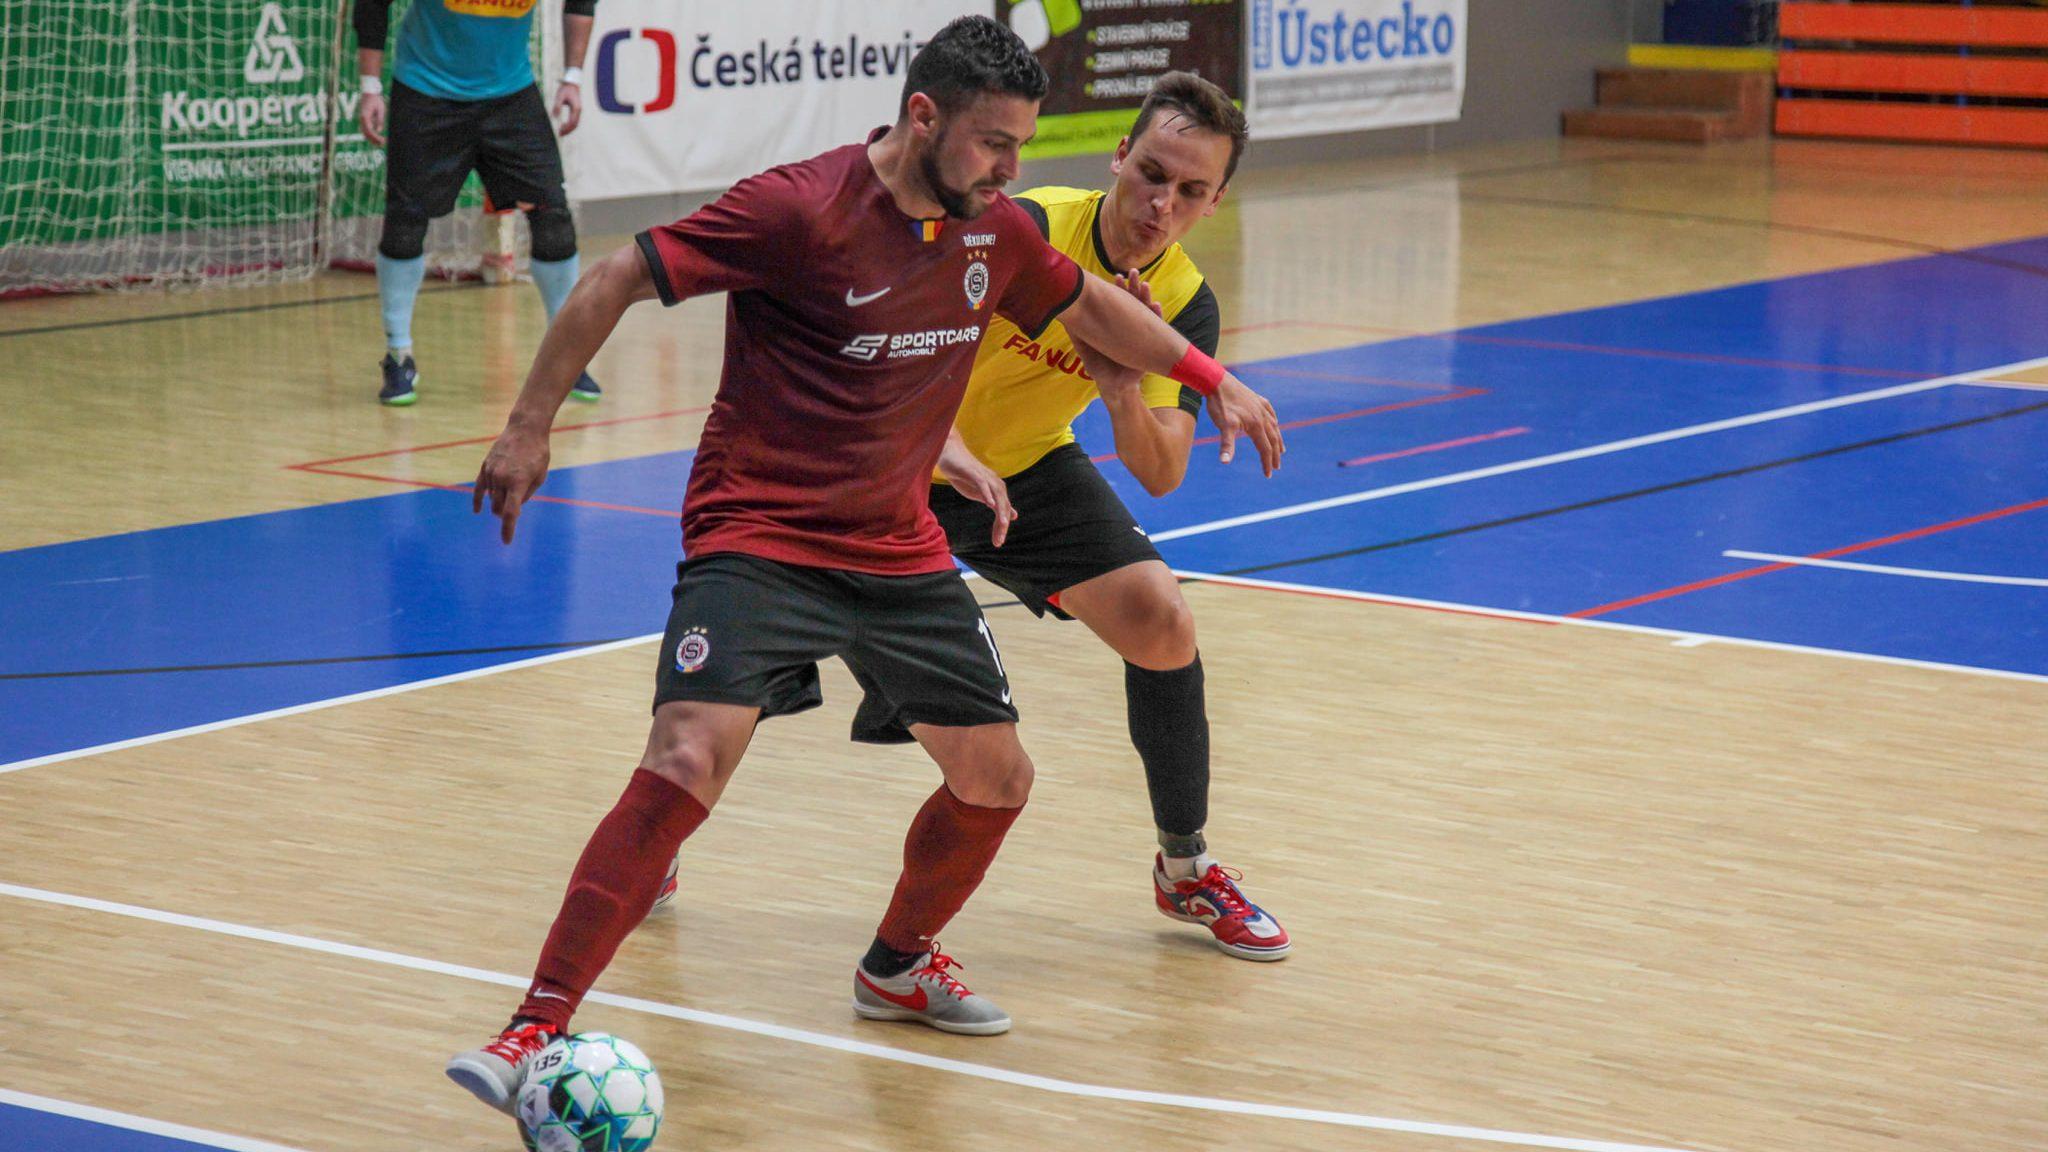 Sparta vstoupila do sezony úspěšně, Rapid porazila 6:1